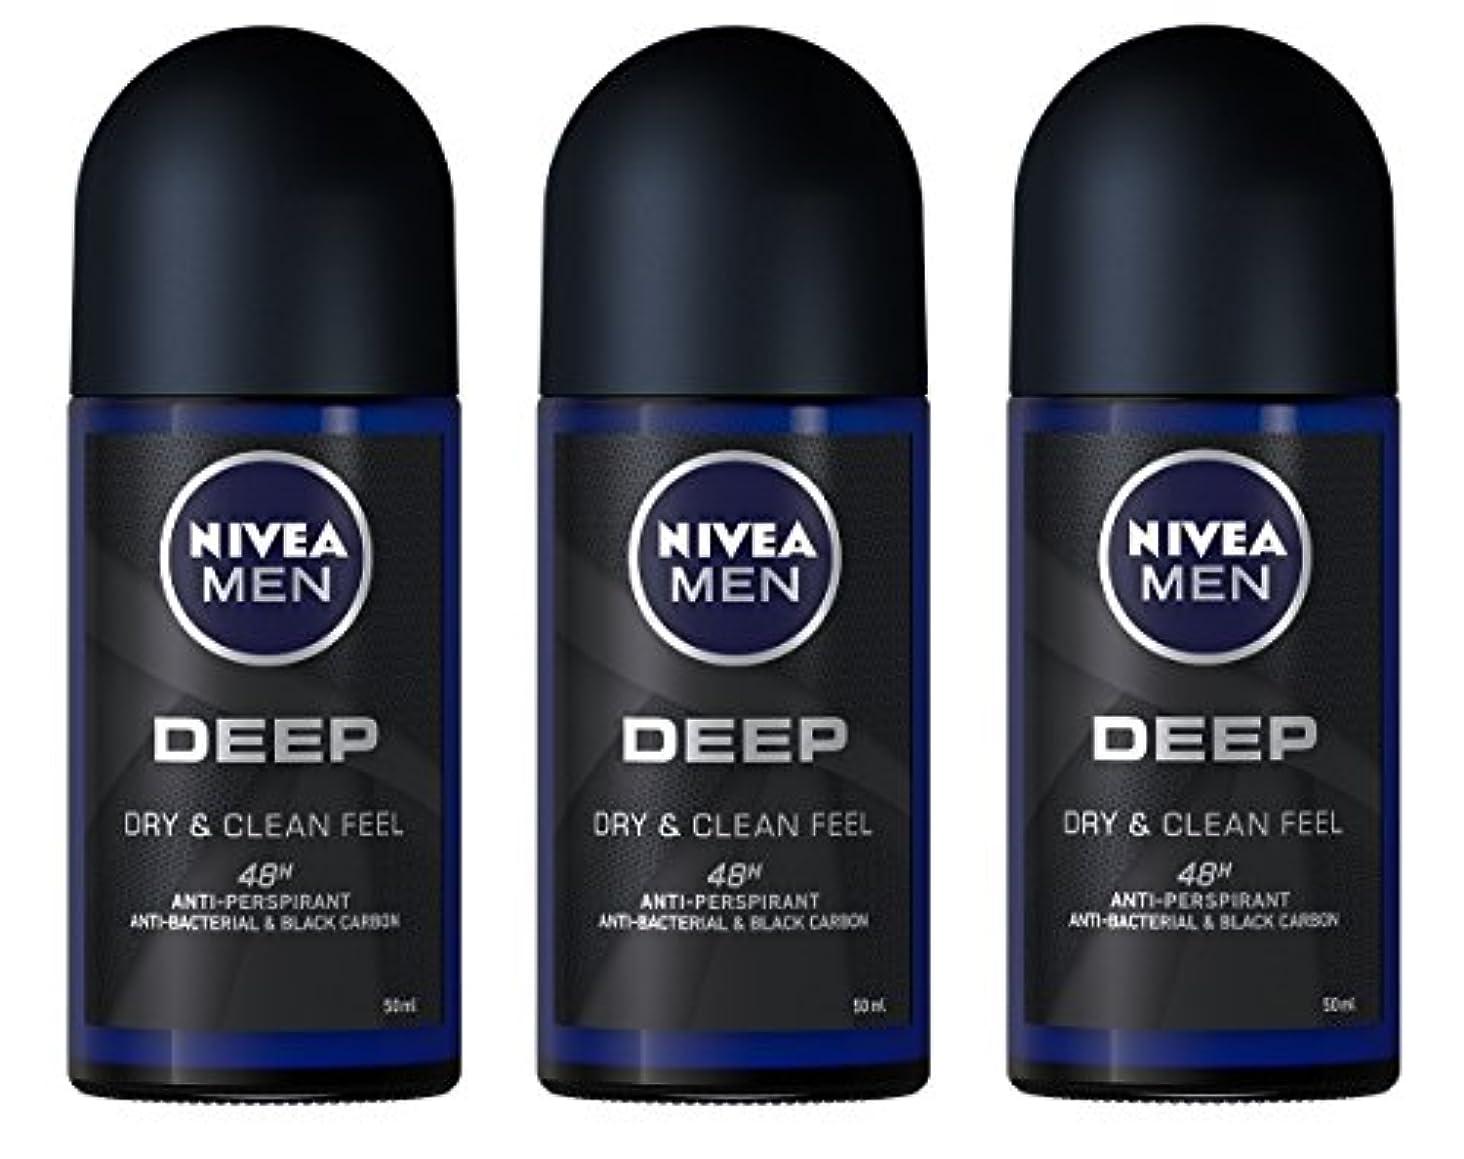 アンタゴニスト抗生物質すり減る(Pack of 3) Nivea Deep Anti-perspirant Deodorant Roll On for Men 50ml - (3パック) ニベア深い制汗剤デオドラントロールオン男性用50ml